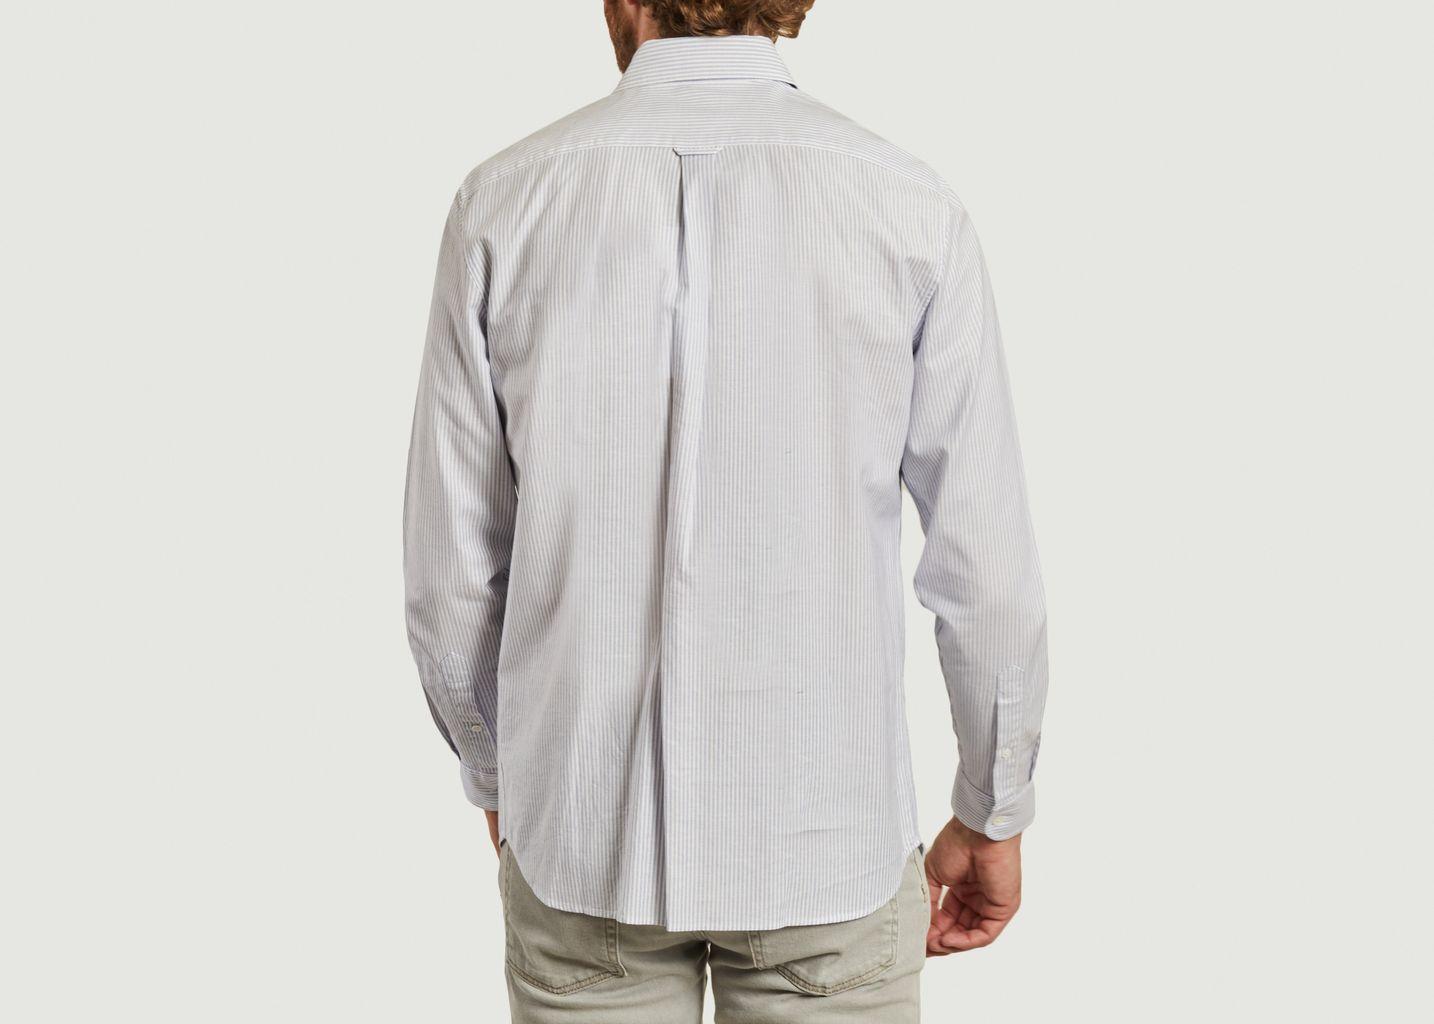 Chemise rayée en coton Oxford - Lacoste